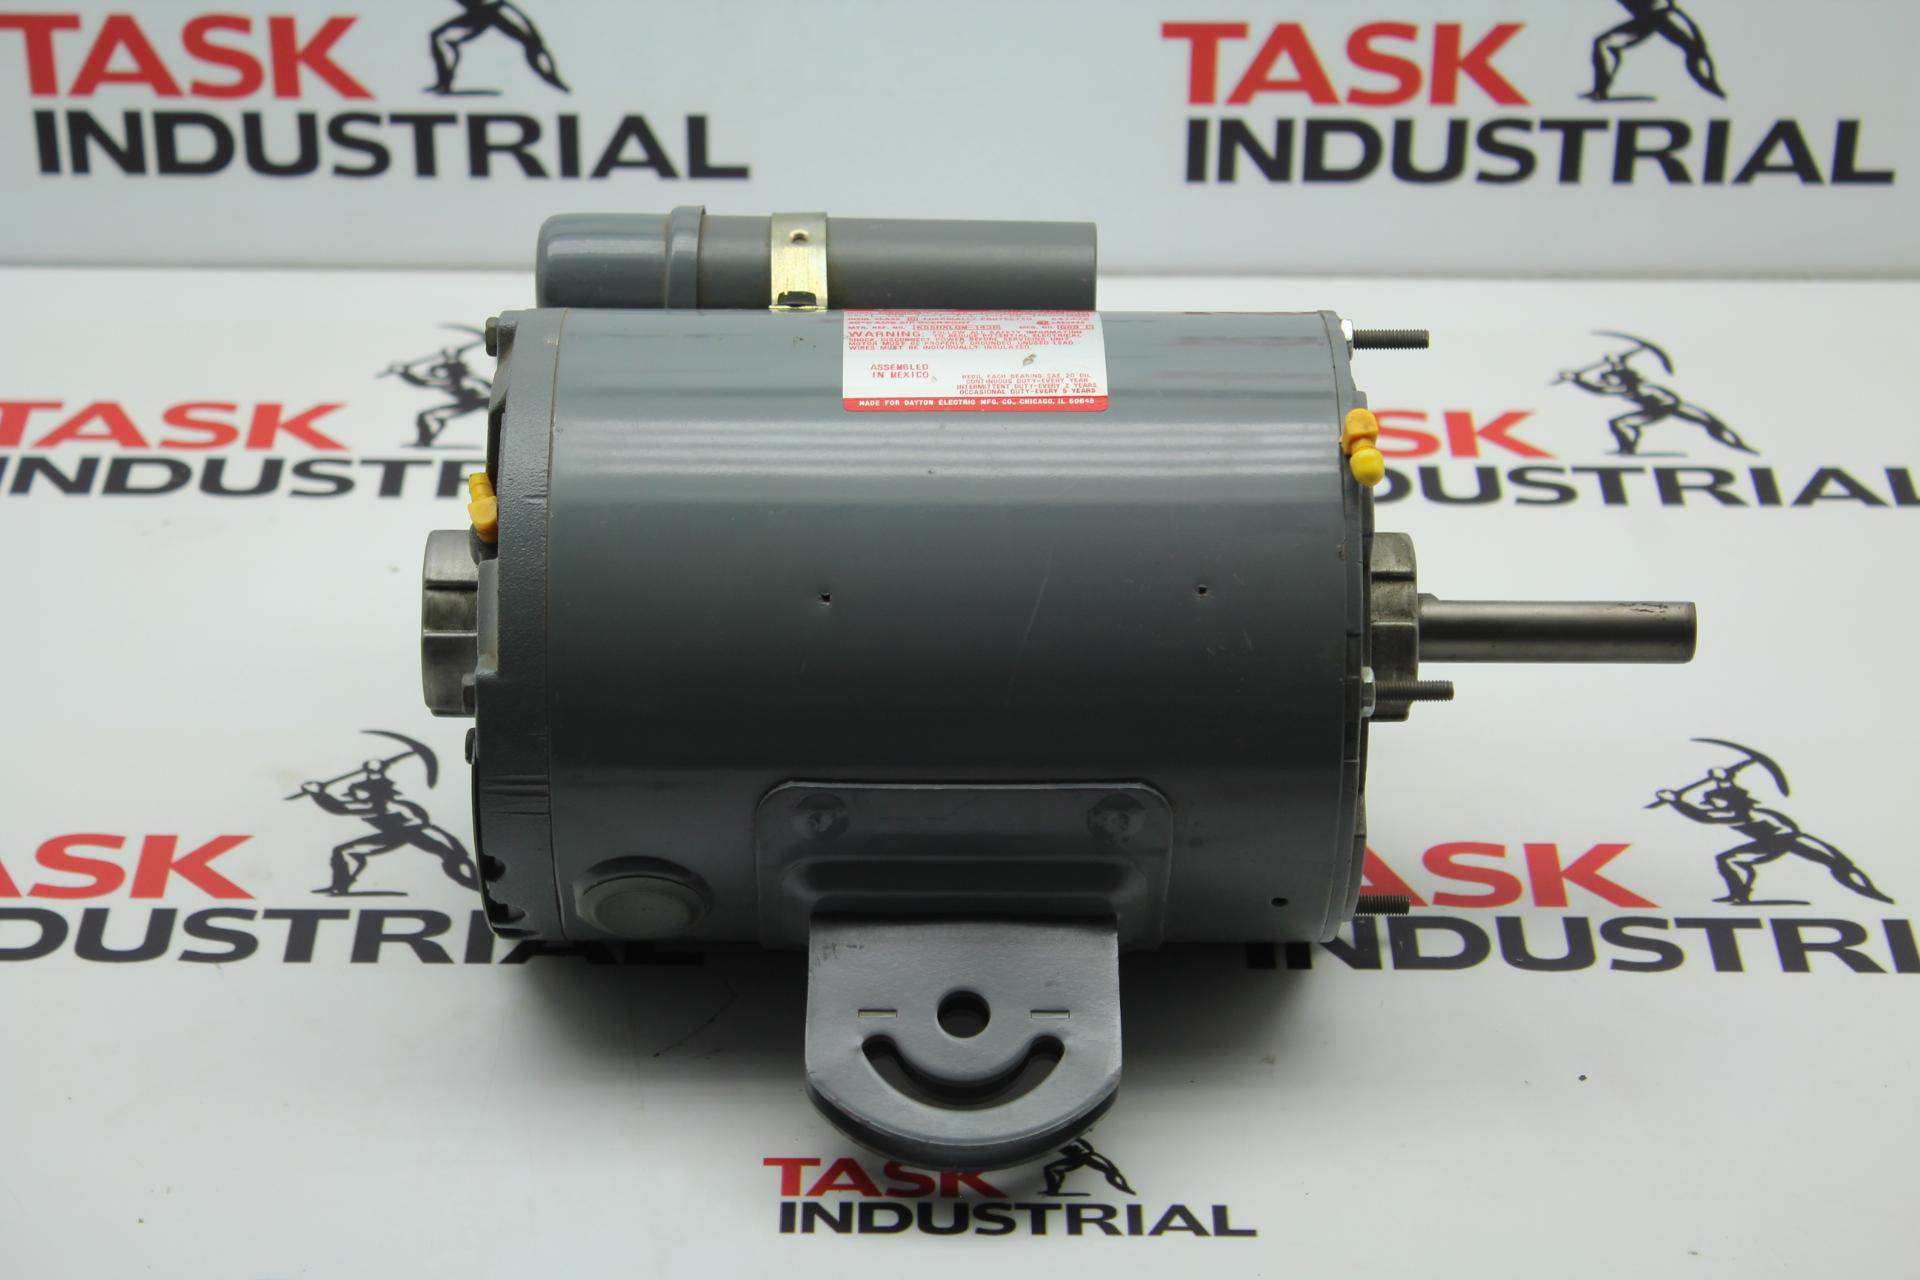 Dayton Fan Motor Model 3m505b 1 2 Hp 1075 2spd Rpm 48y